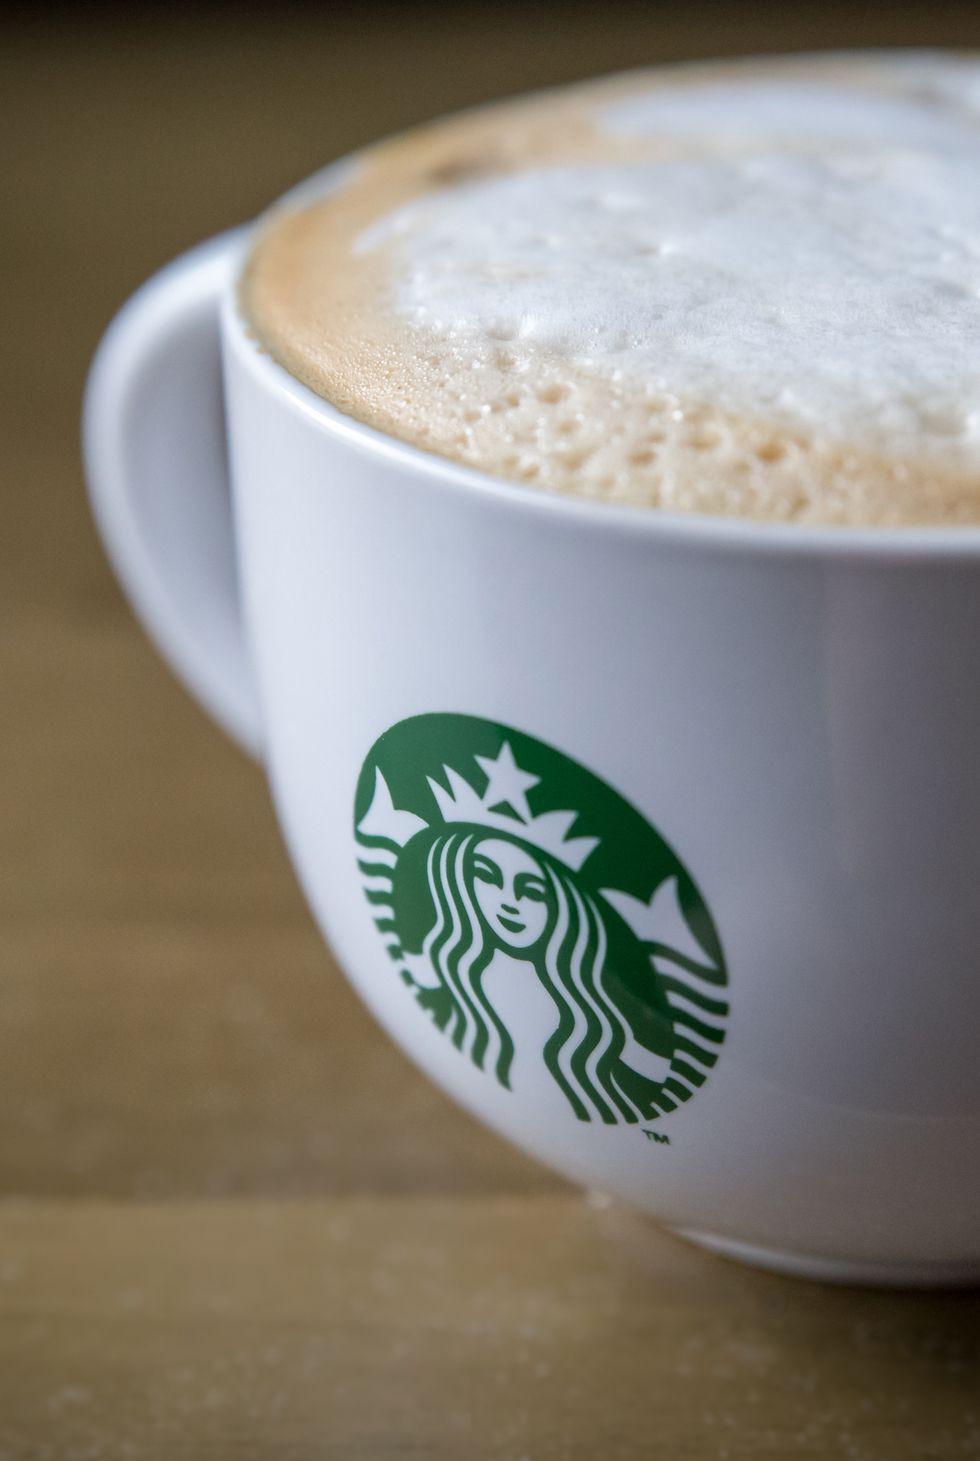 starbucks-cappuccino-1527782031.jpg